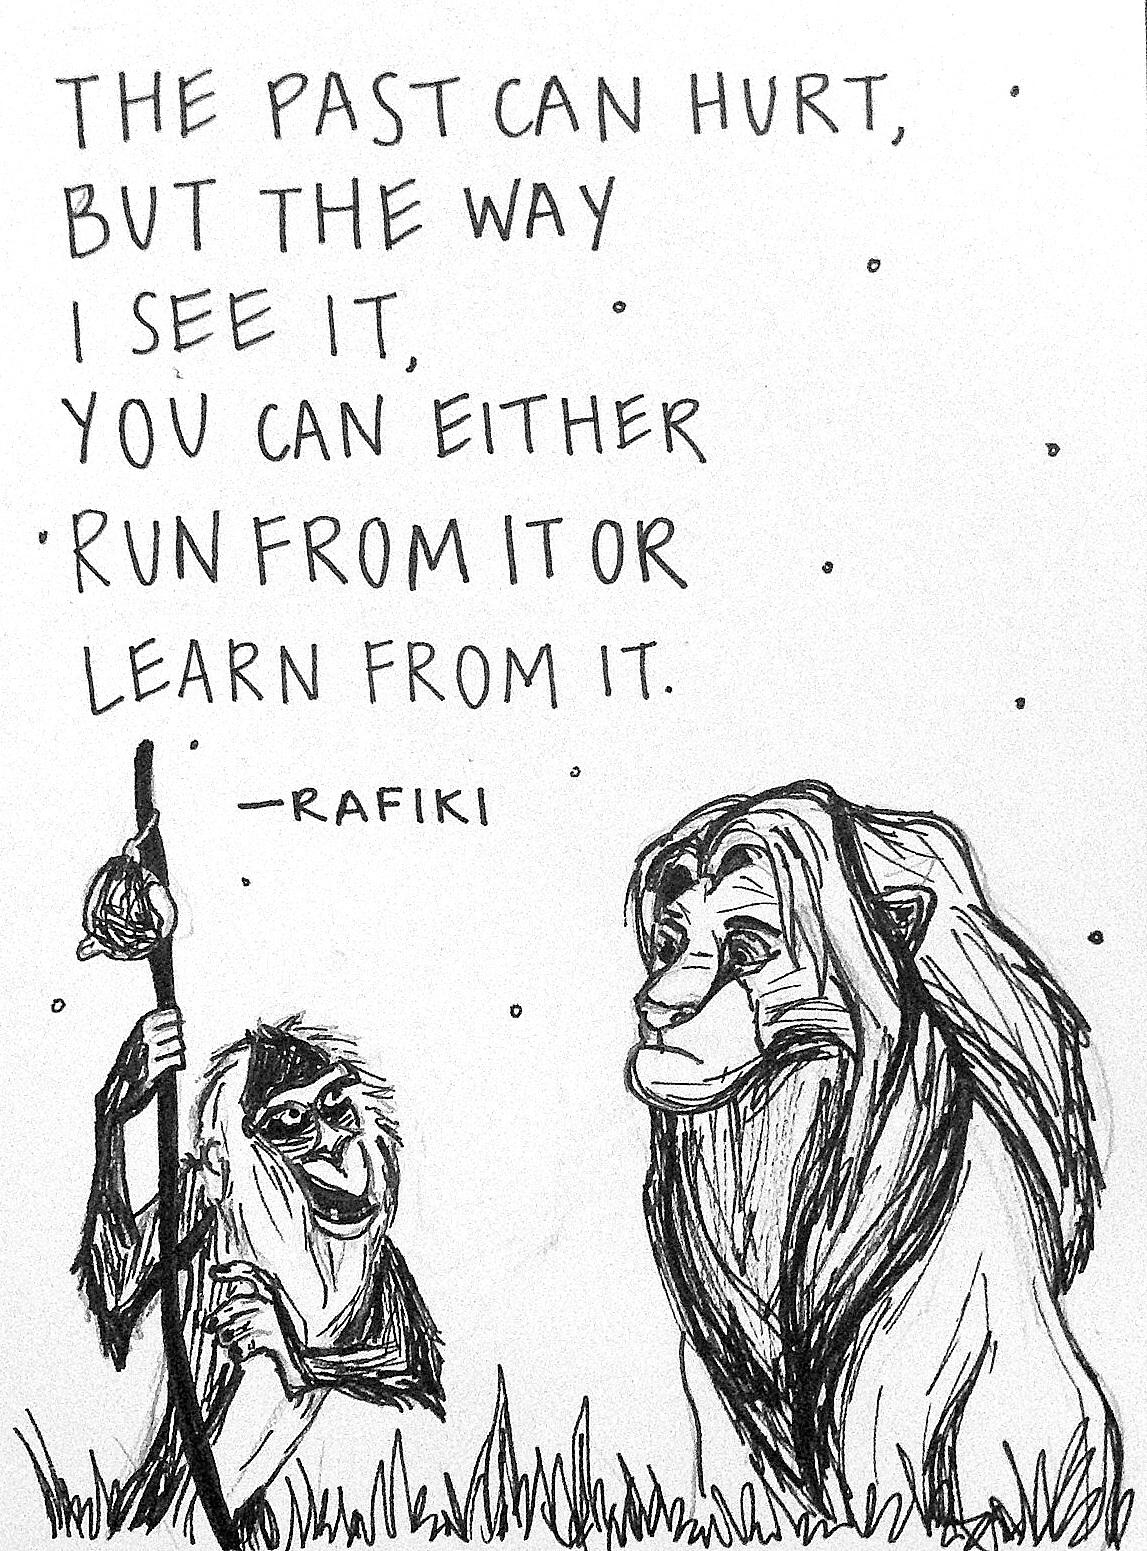 Drawn quoth disney movie  Rafiki with with Lion